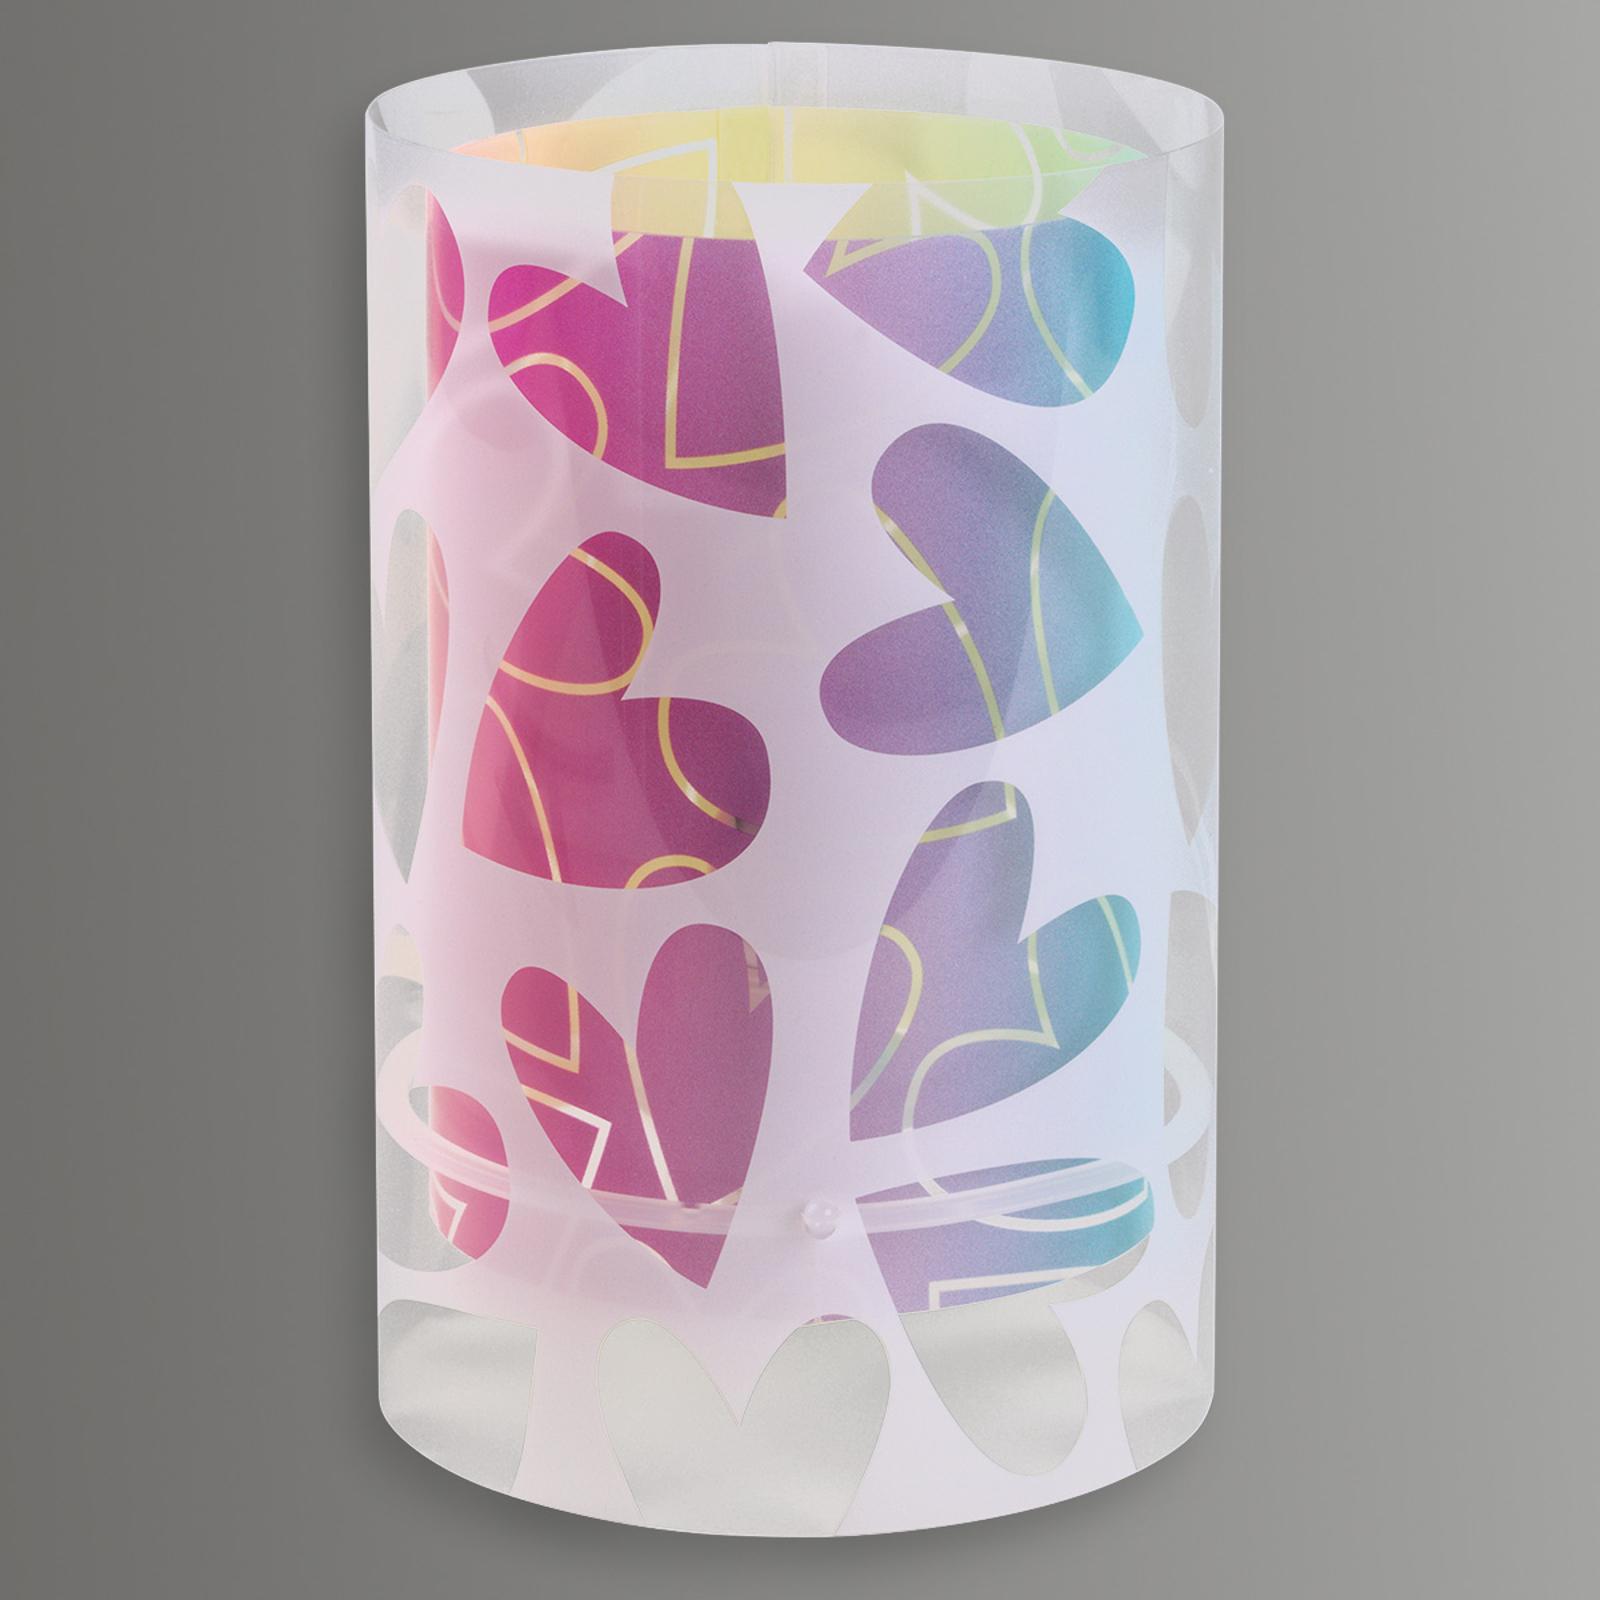 Cuore - bordlampe med hjerter